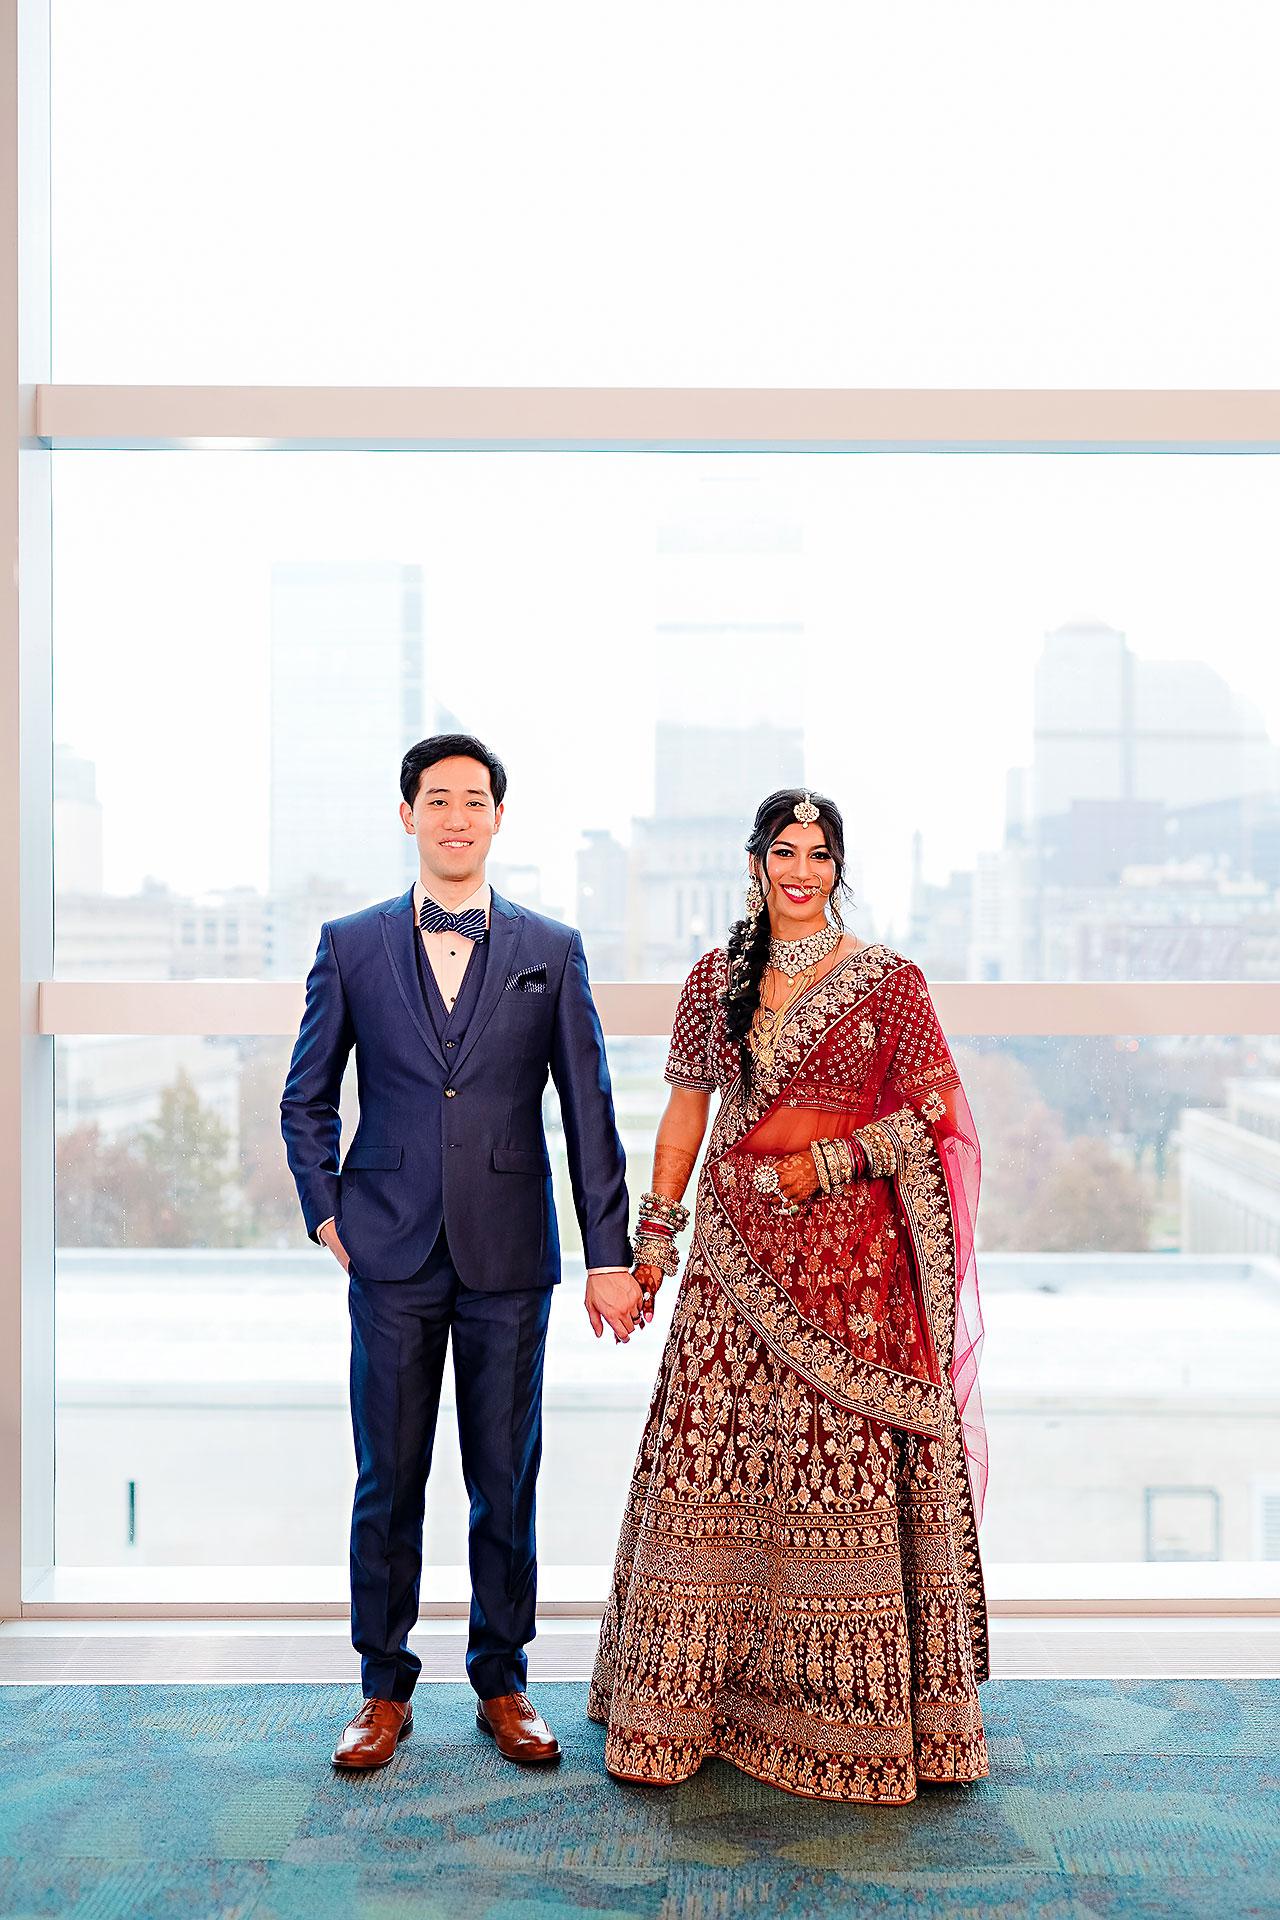 Ritika Jason Chinese Indian Fusion Wedding Ceremony 081